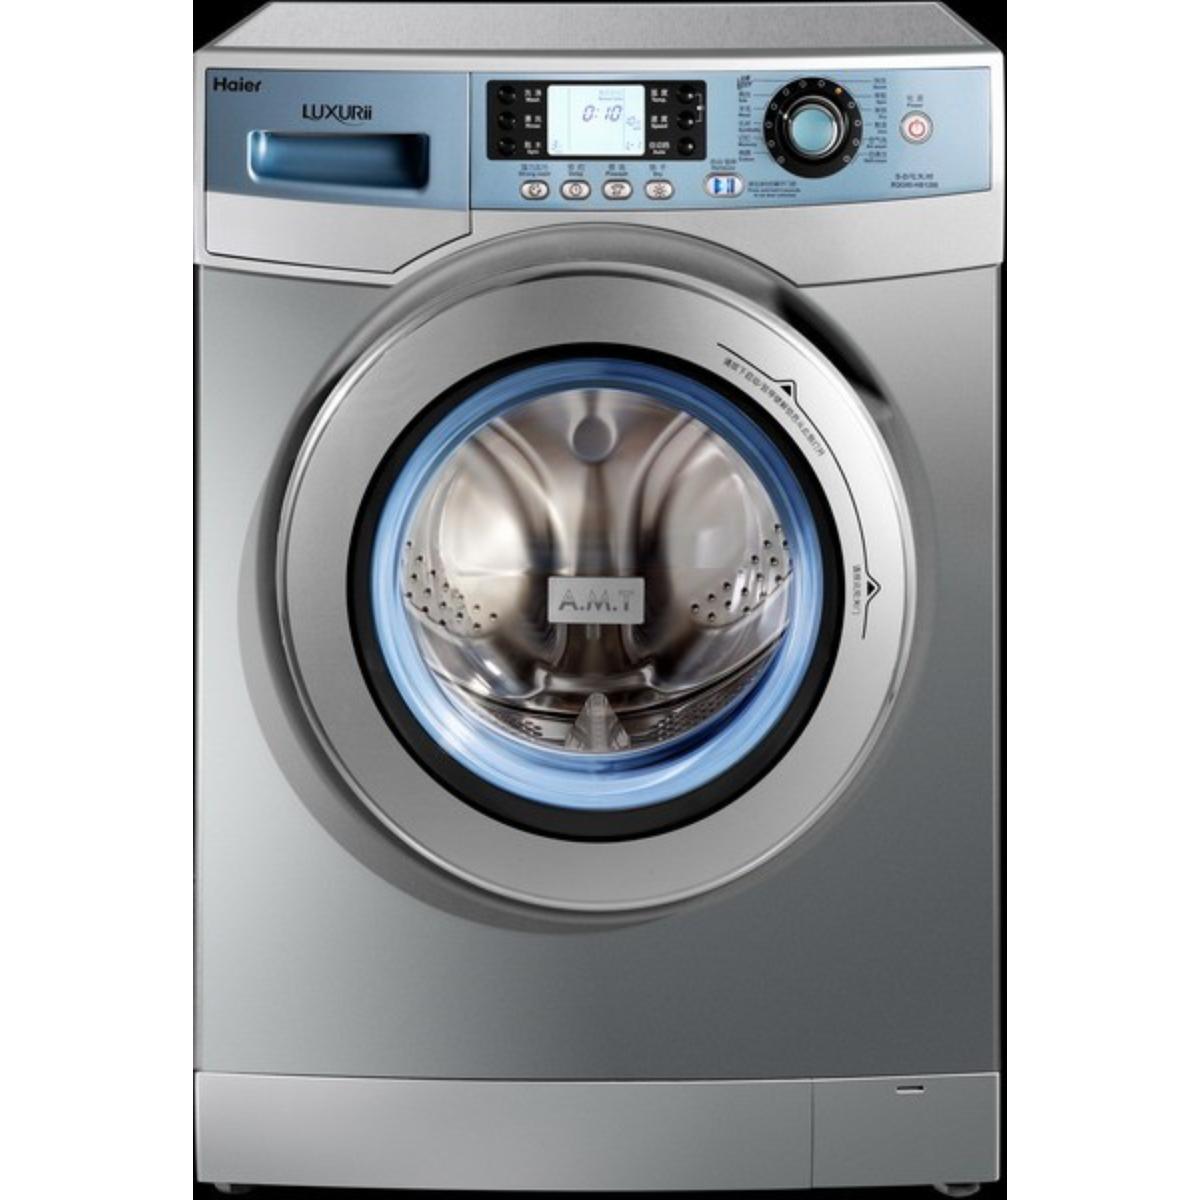 洗衣机滚筒好�9�+���/k�io_想买滚筒洗衣机 相中一款lg的wd-n10230d 这款是电机的 不知道电机和